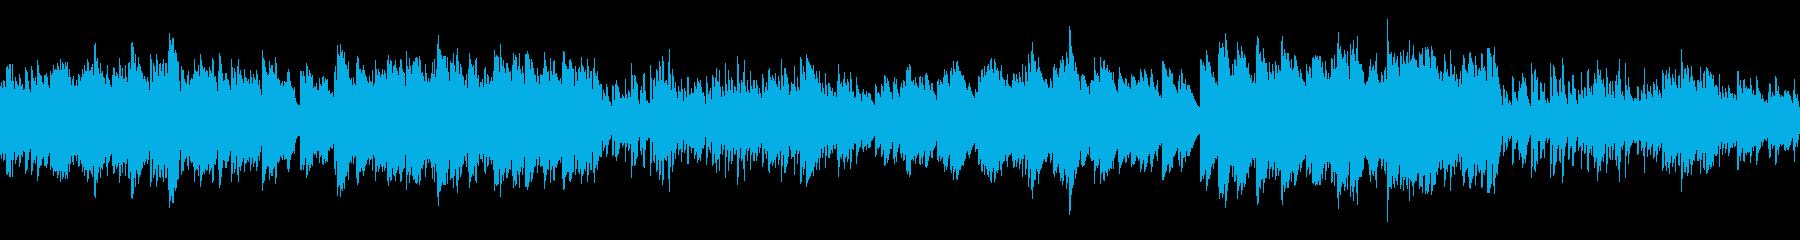 ホラー調で悲しい雰囲気の曲(ループ仕様)の再生済みの波形